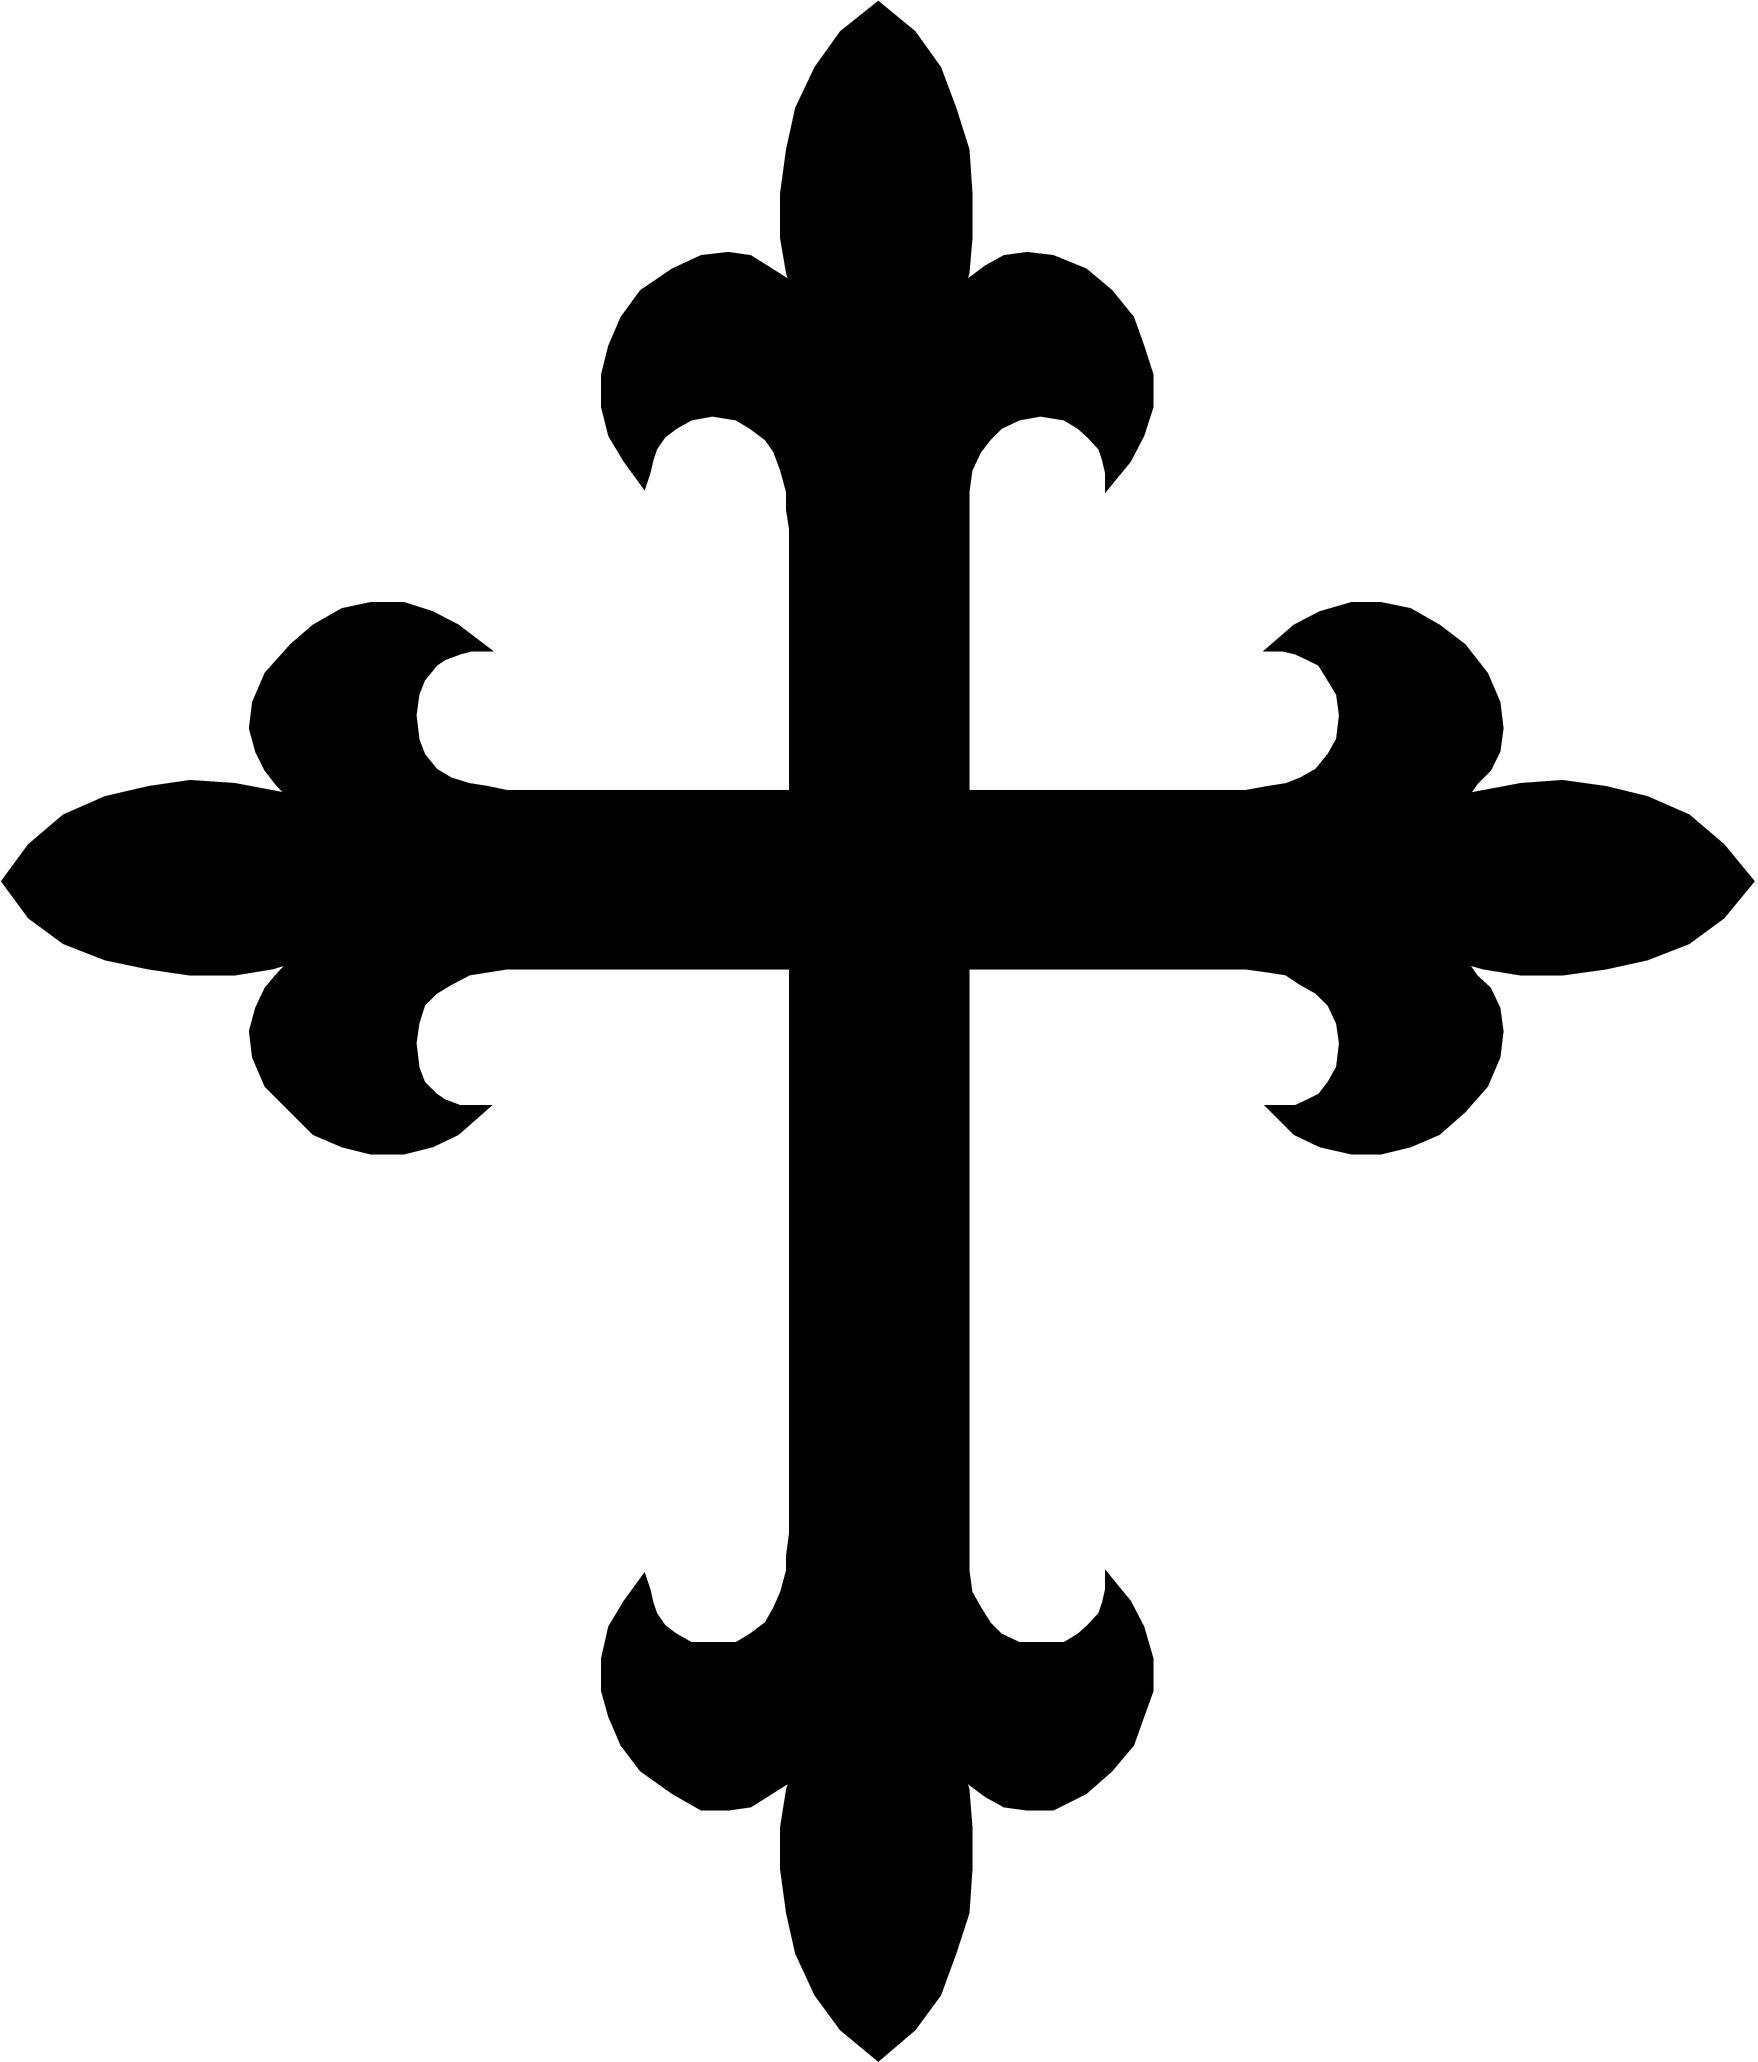 Pics of a cross clipart